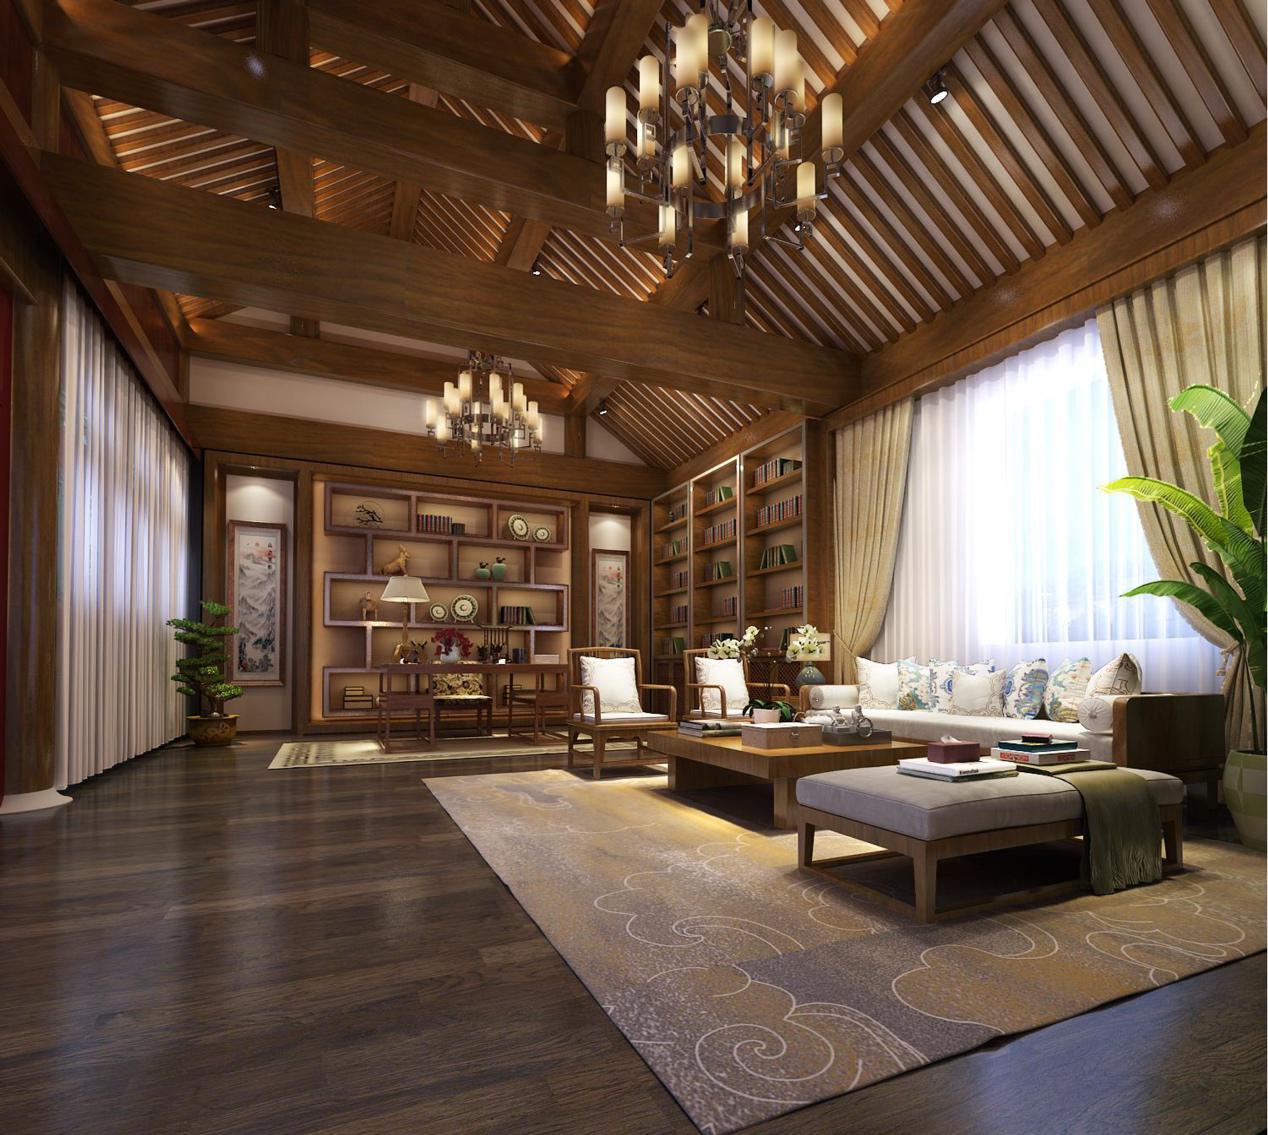 迎端午著名中式设计师刘中辉与赵忠祥老师聊《中式空间设计典藏》